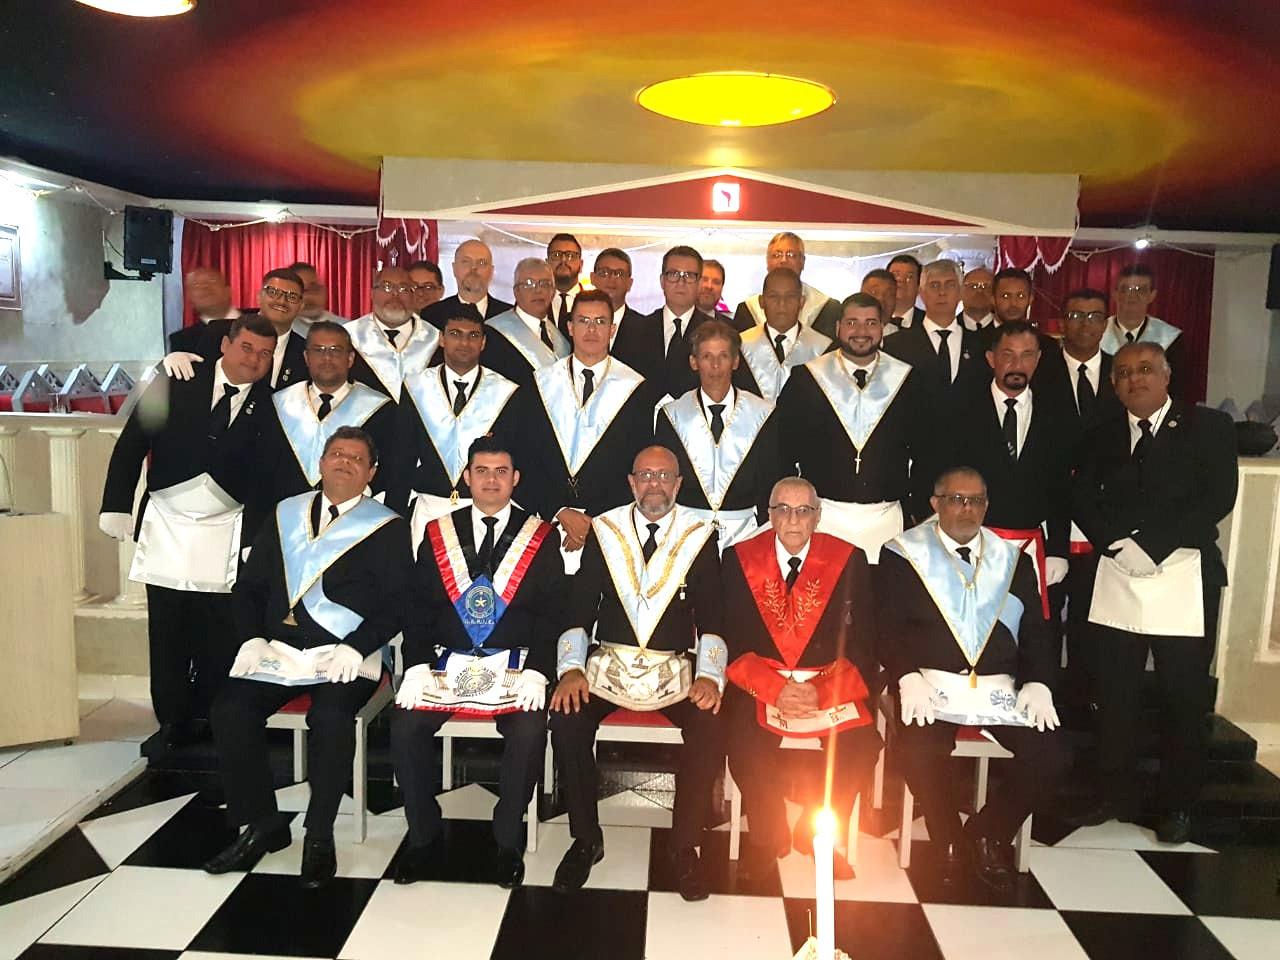 Regularizações, iniciações e visitas ilustres marcam Sessão Magna da Irmãos Andradas nº 42 em Santos